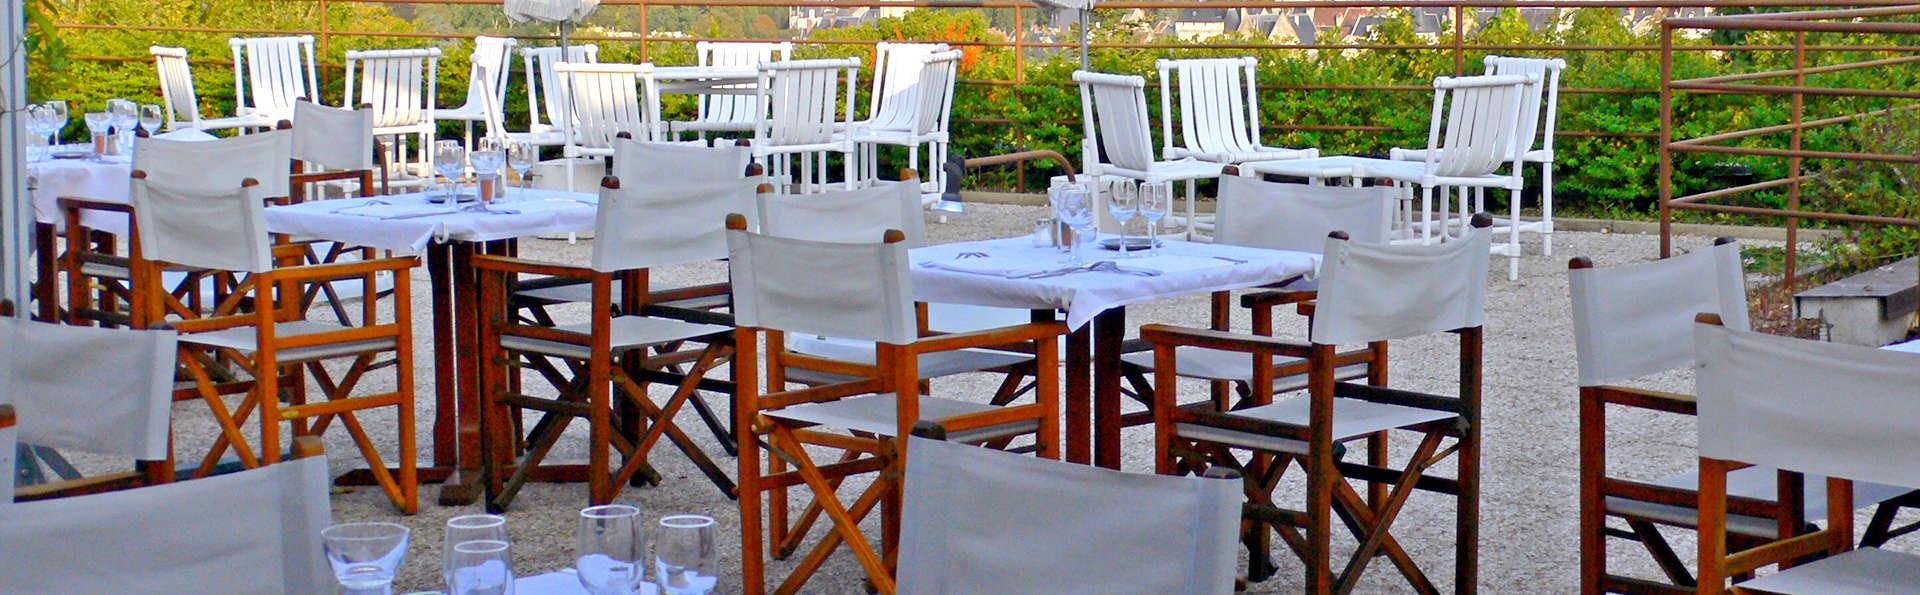 Week-end détente avec dîner au coeur de la Vallée de la Loire